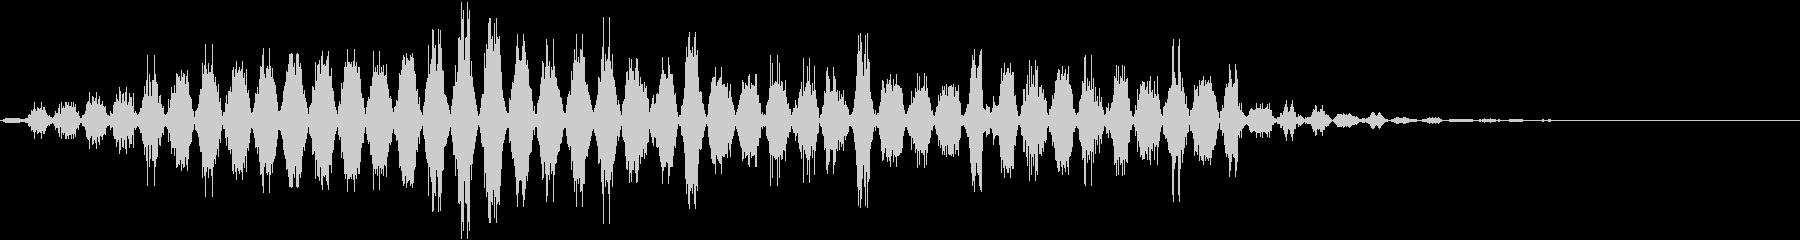 音楽効果;シンセサイザーコードボタ...の未再生の波形